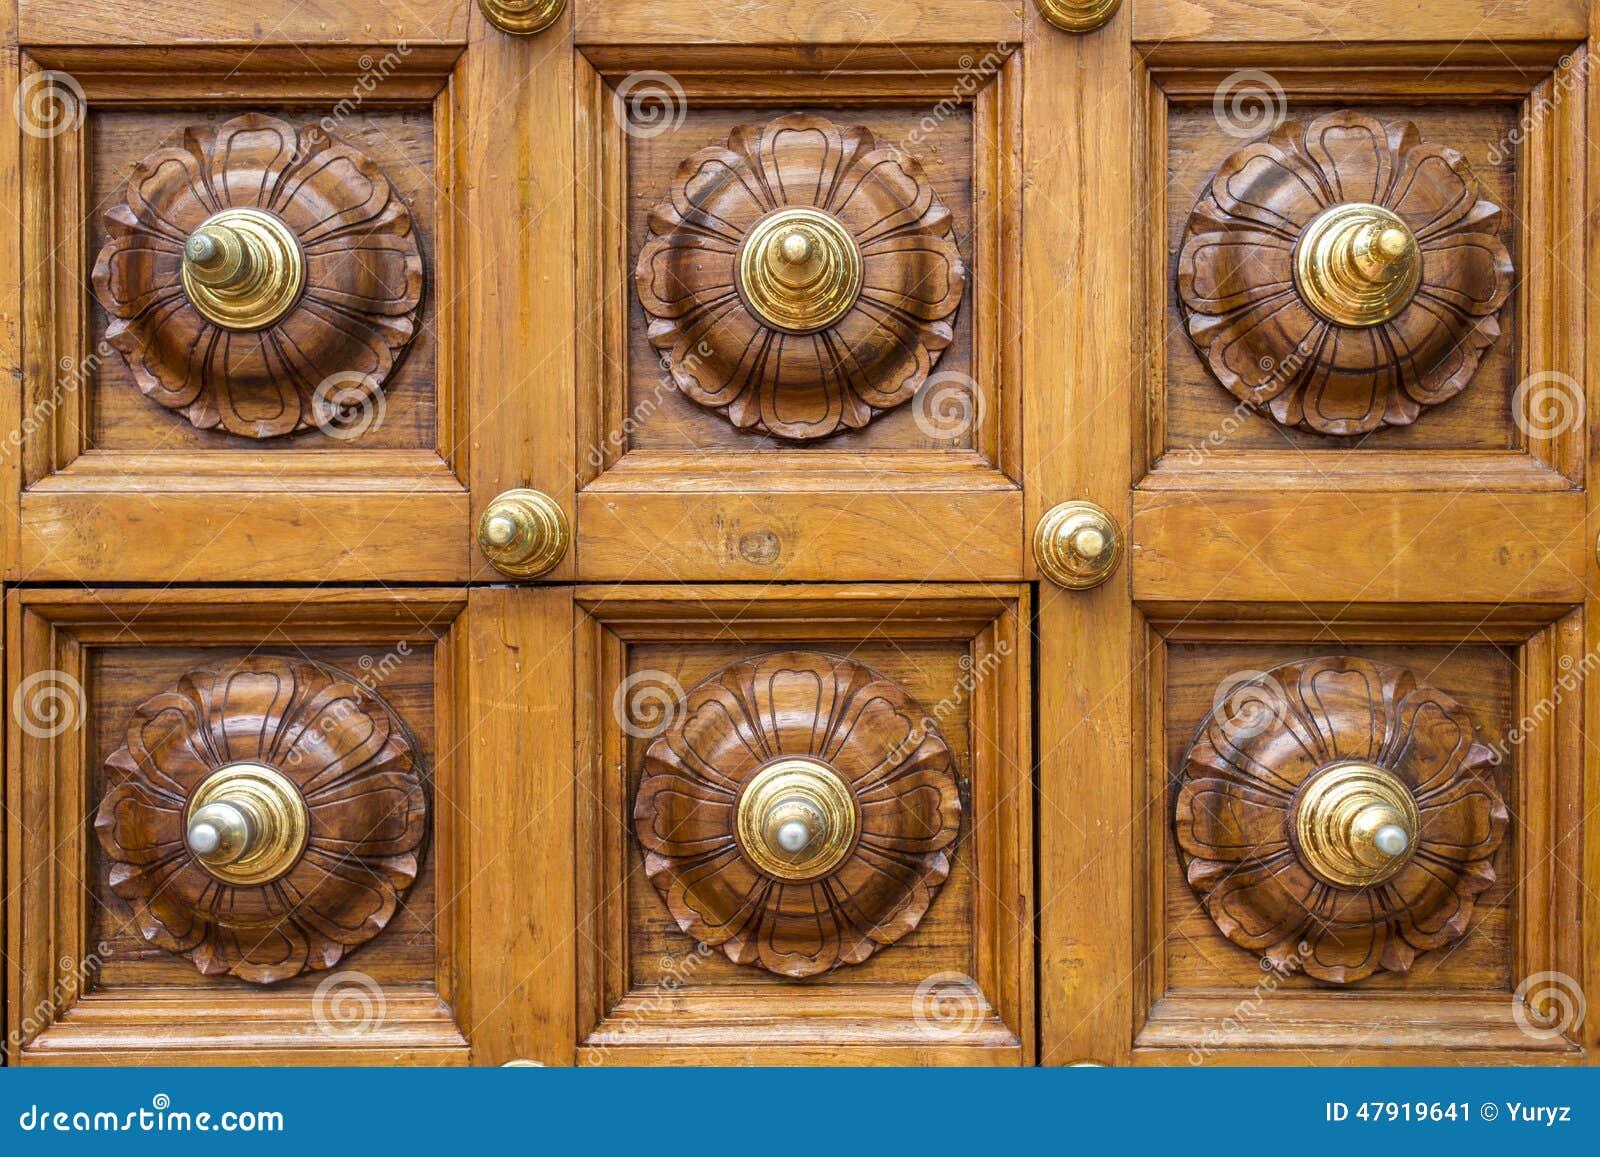 Doors ornament stock photo image 47919641 for Door 3d warehouse